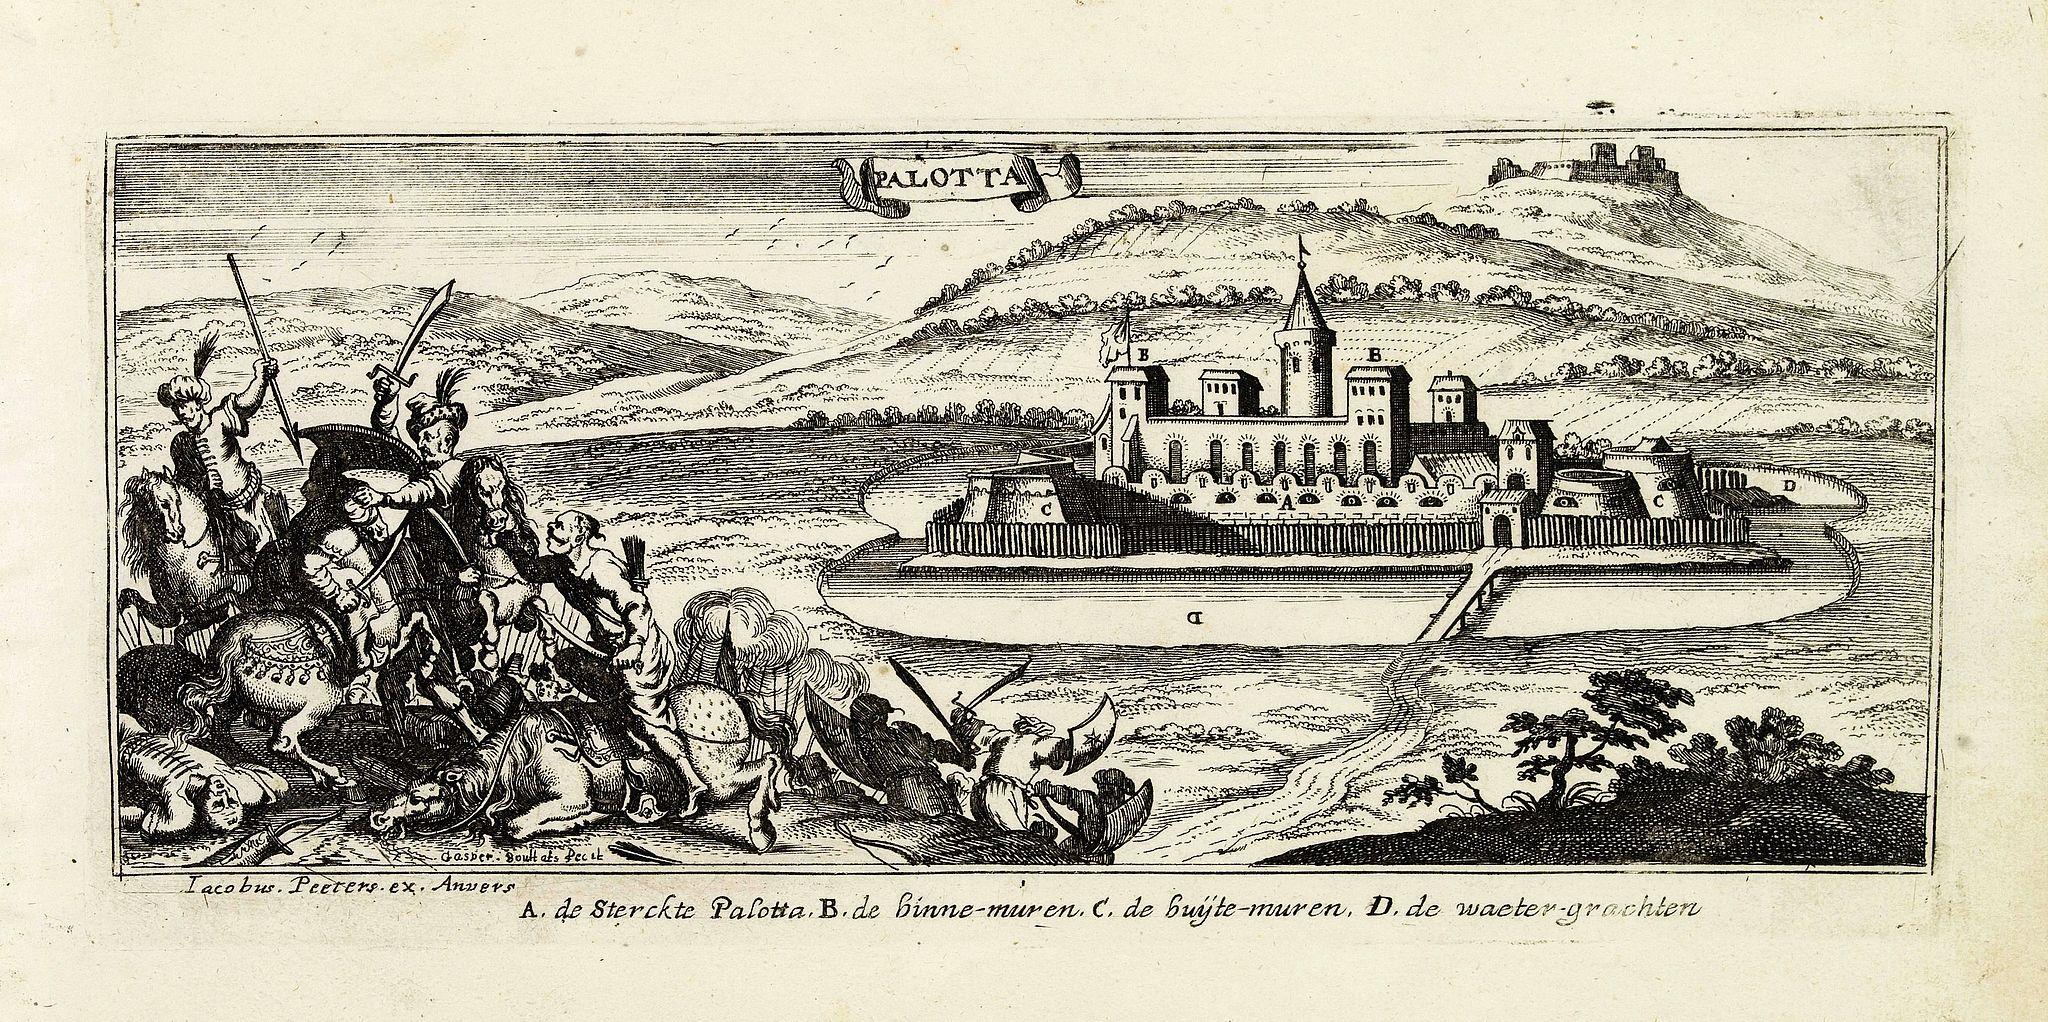 PEETERS, J. / BOUTTATS, G. -  Palotta.